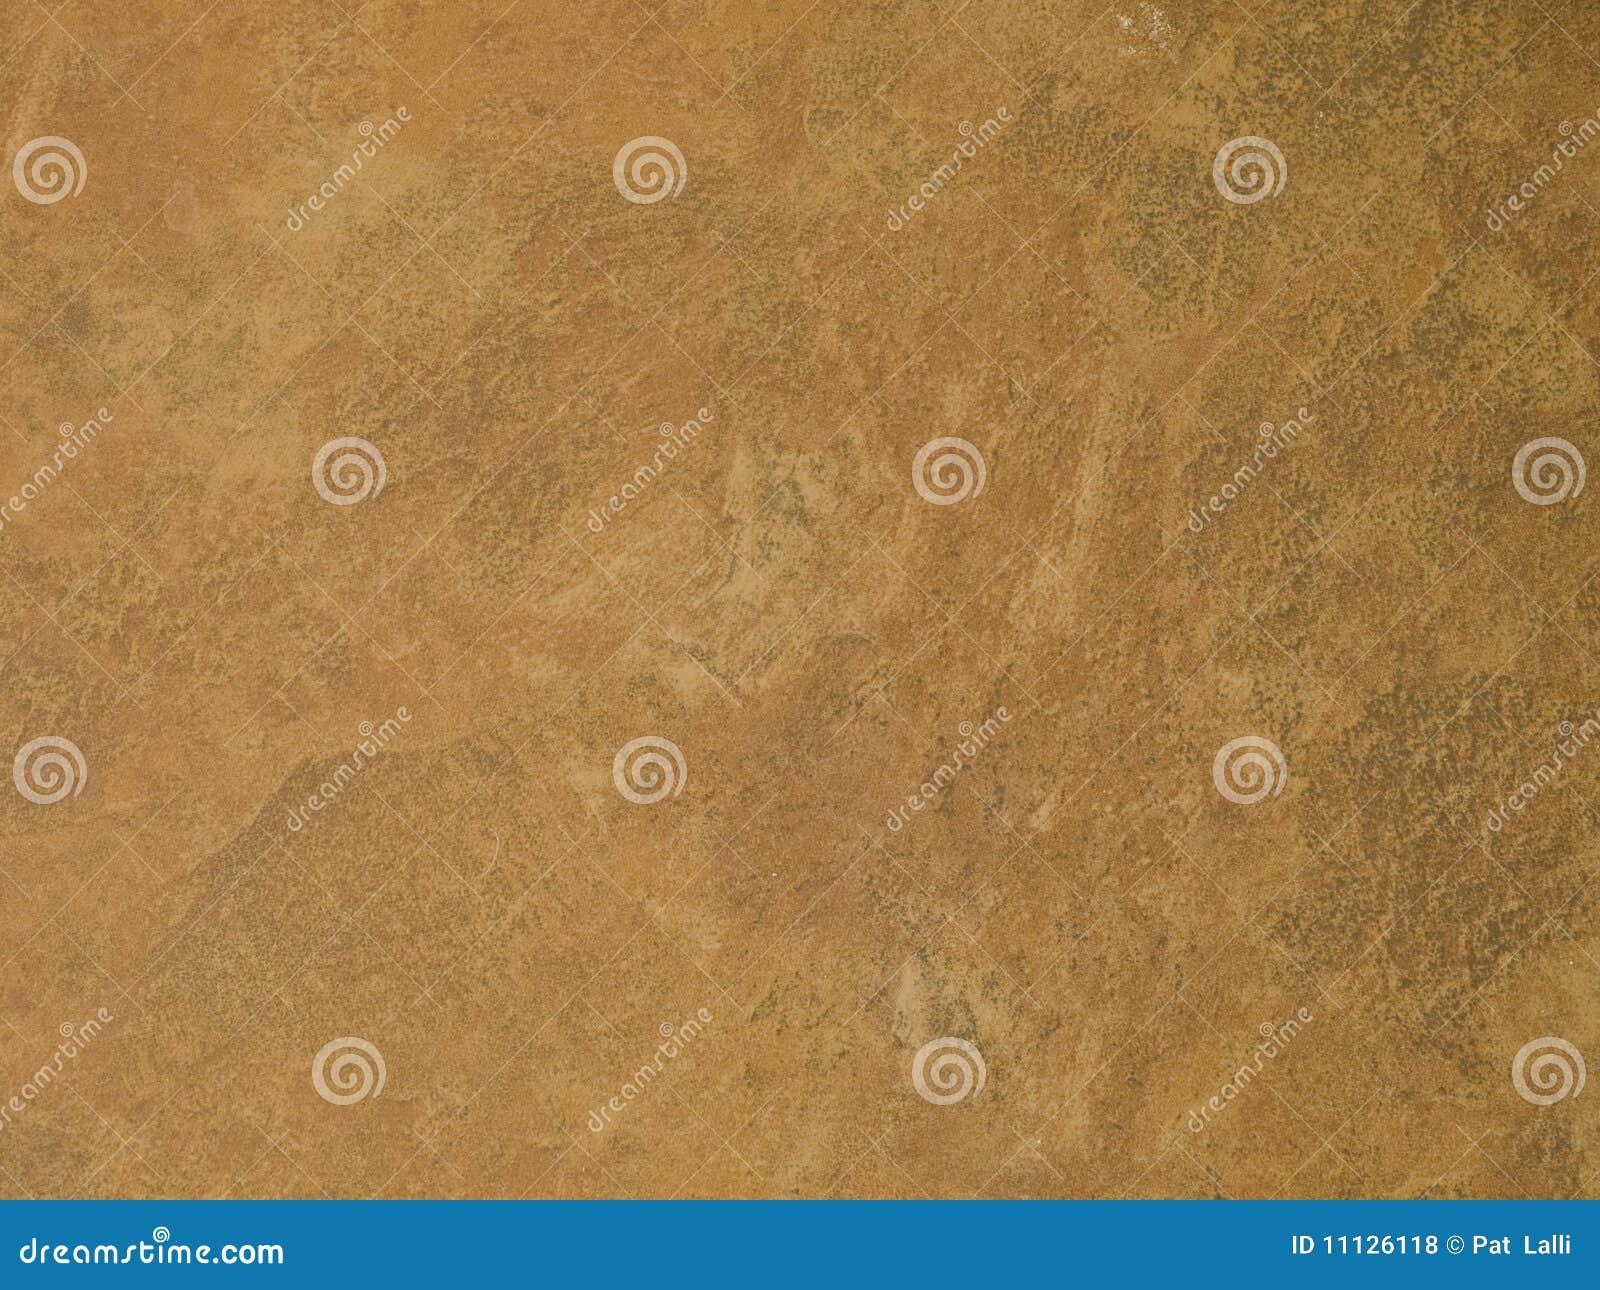 Fondo de cer mica del azulejo de suelo foto de archivo - Azulejos de suelo ...